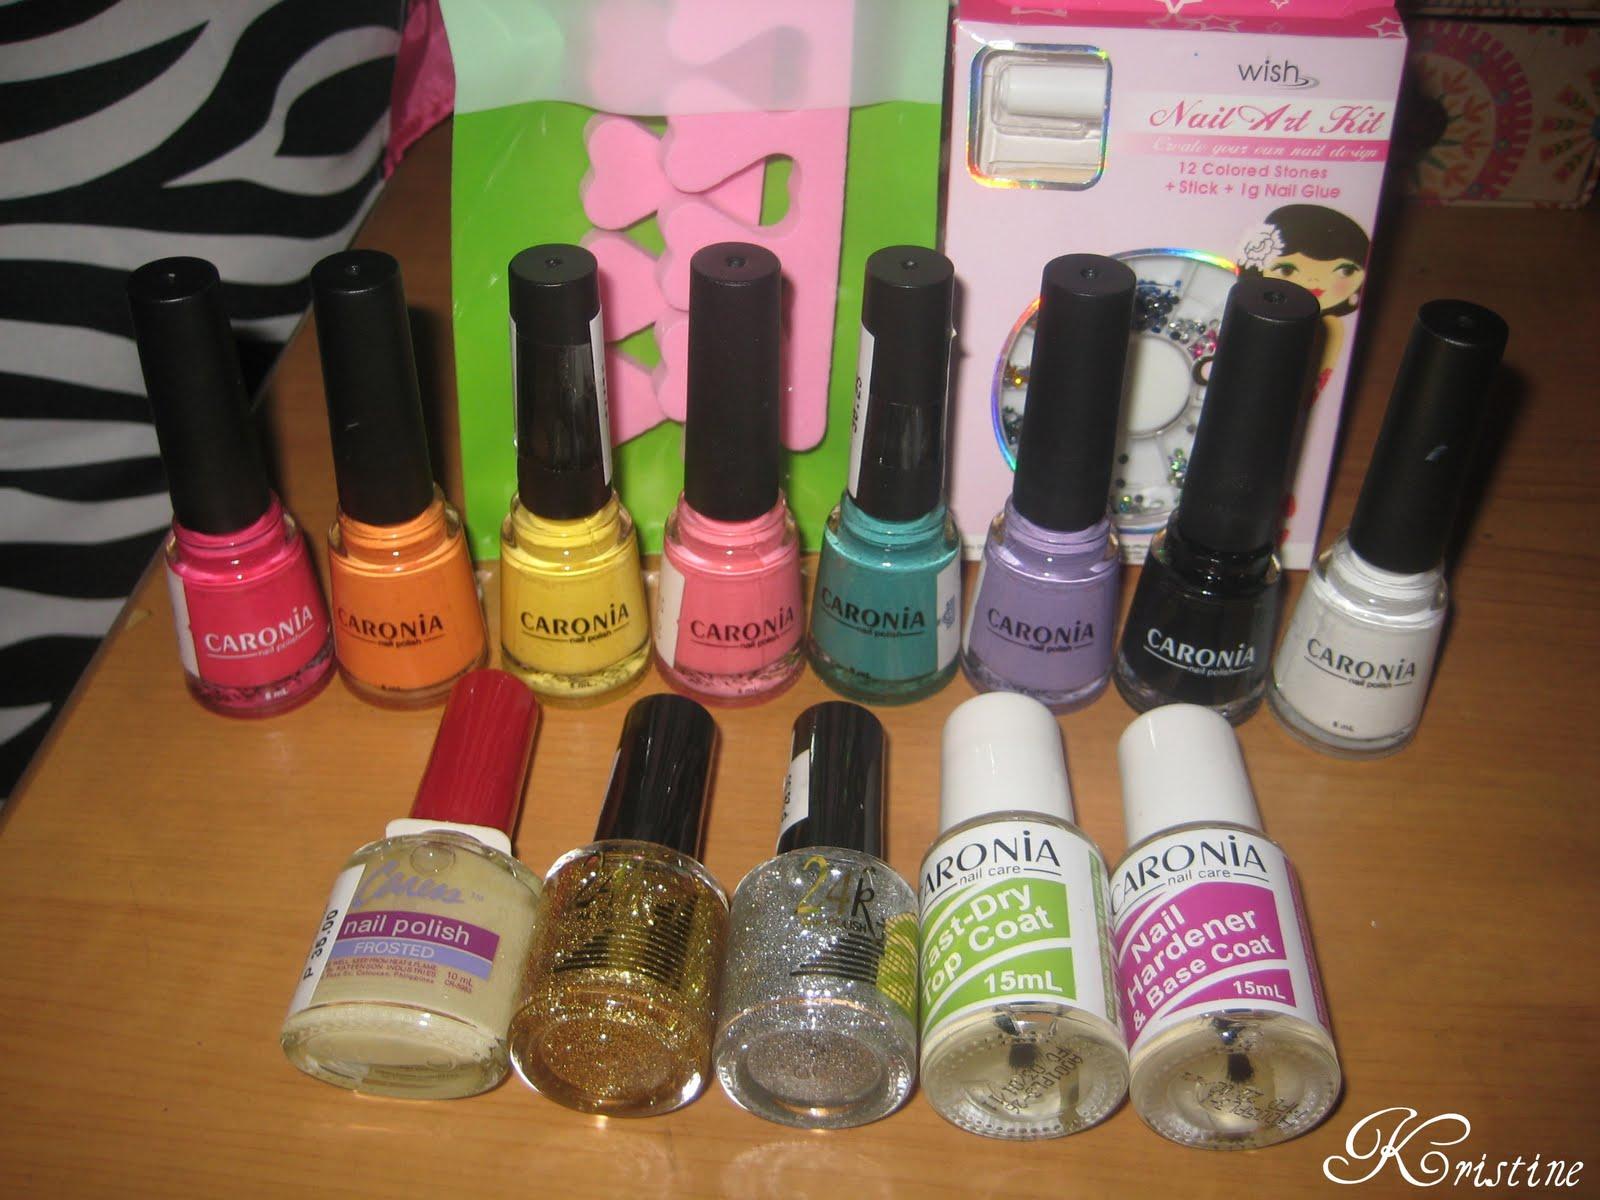 Real Asian Beauty: My first nail polish haul